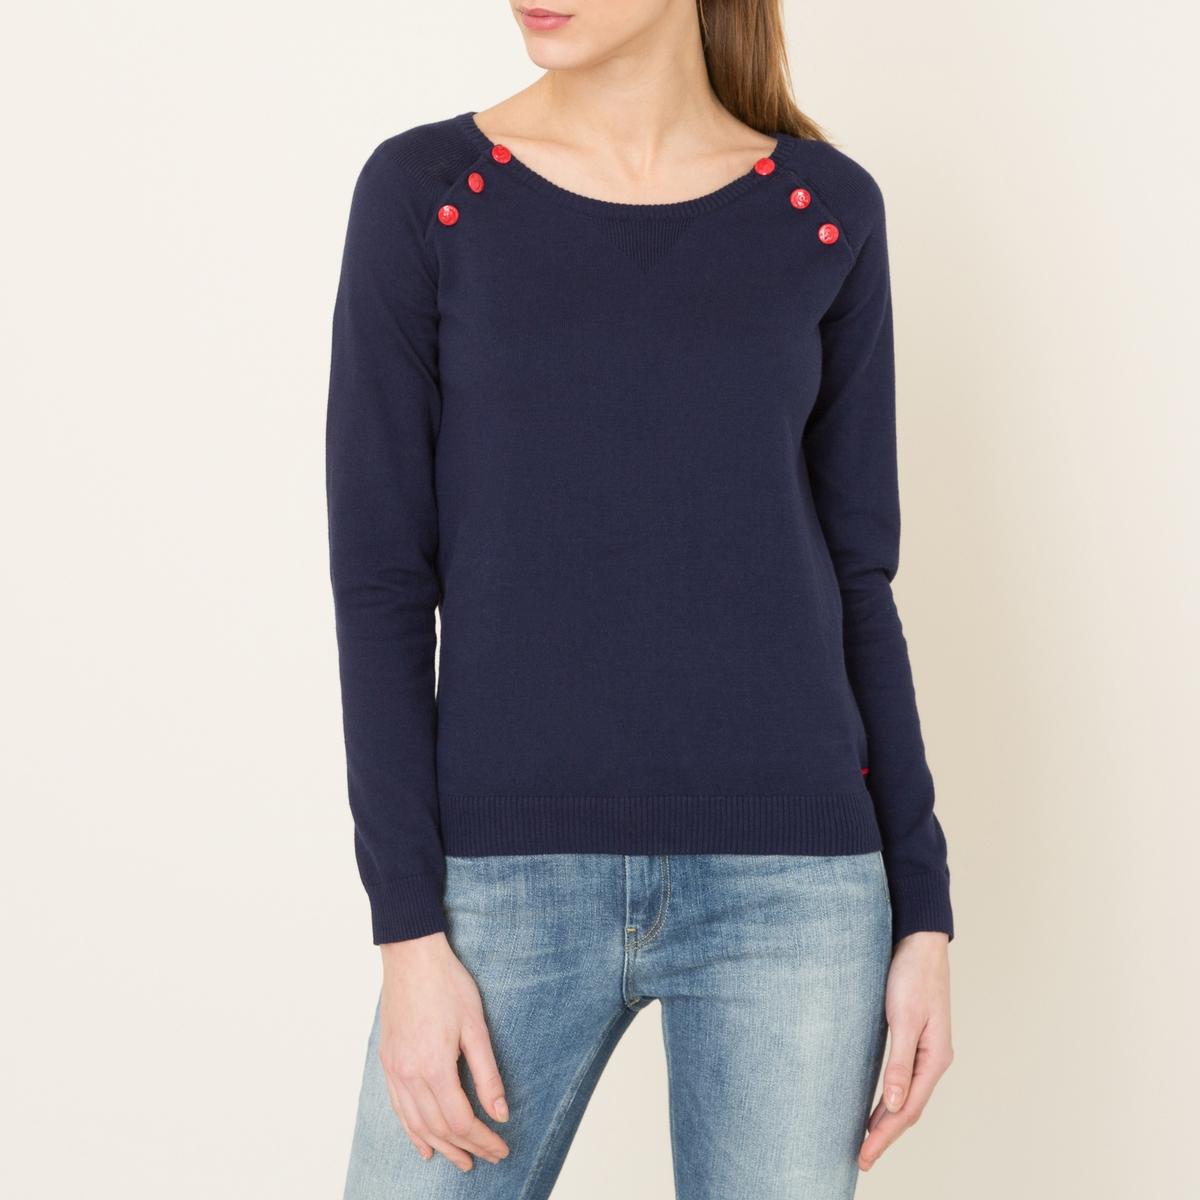 Пуловер в полоску в морском стилеСостав и описание    Материал : 100% хлопок Марка : MAISON SCOTCH<br><br>Цвет: темно-синий,экрю/ темно-синий<br>Размер: S